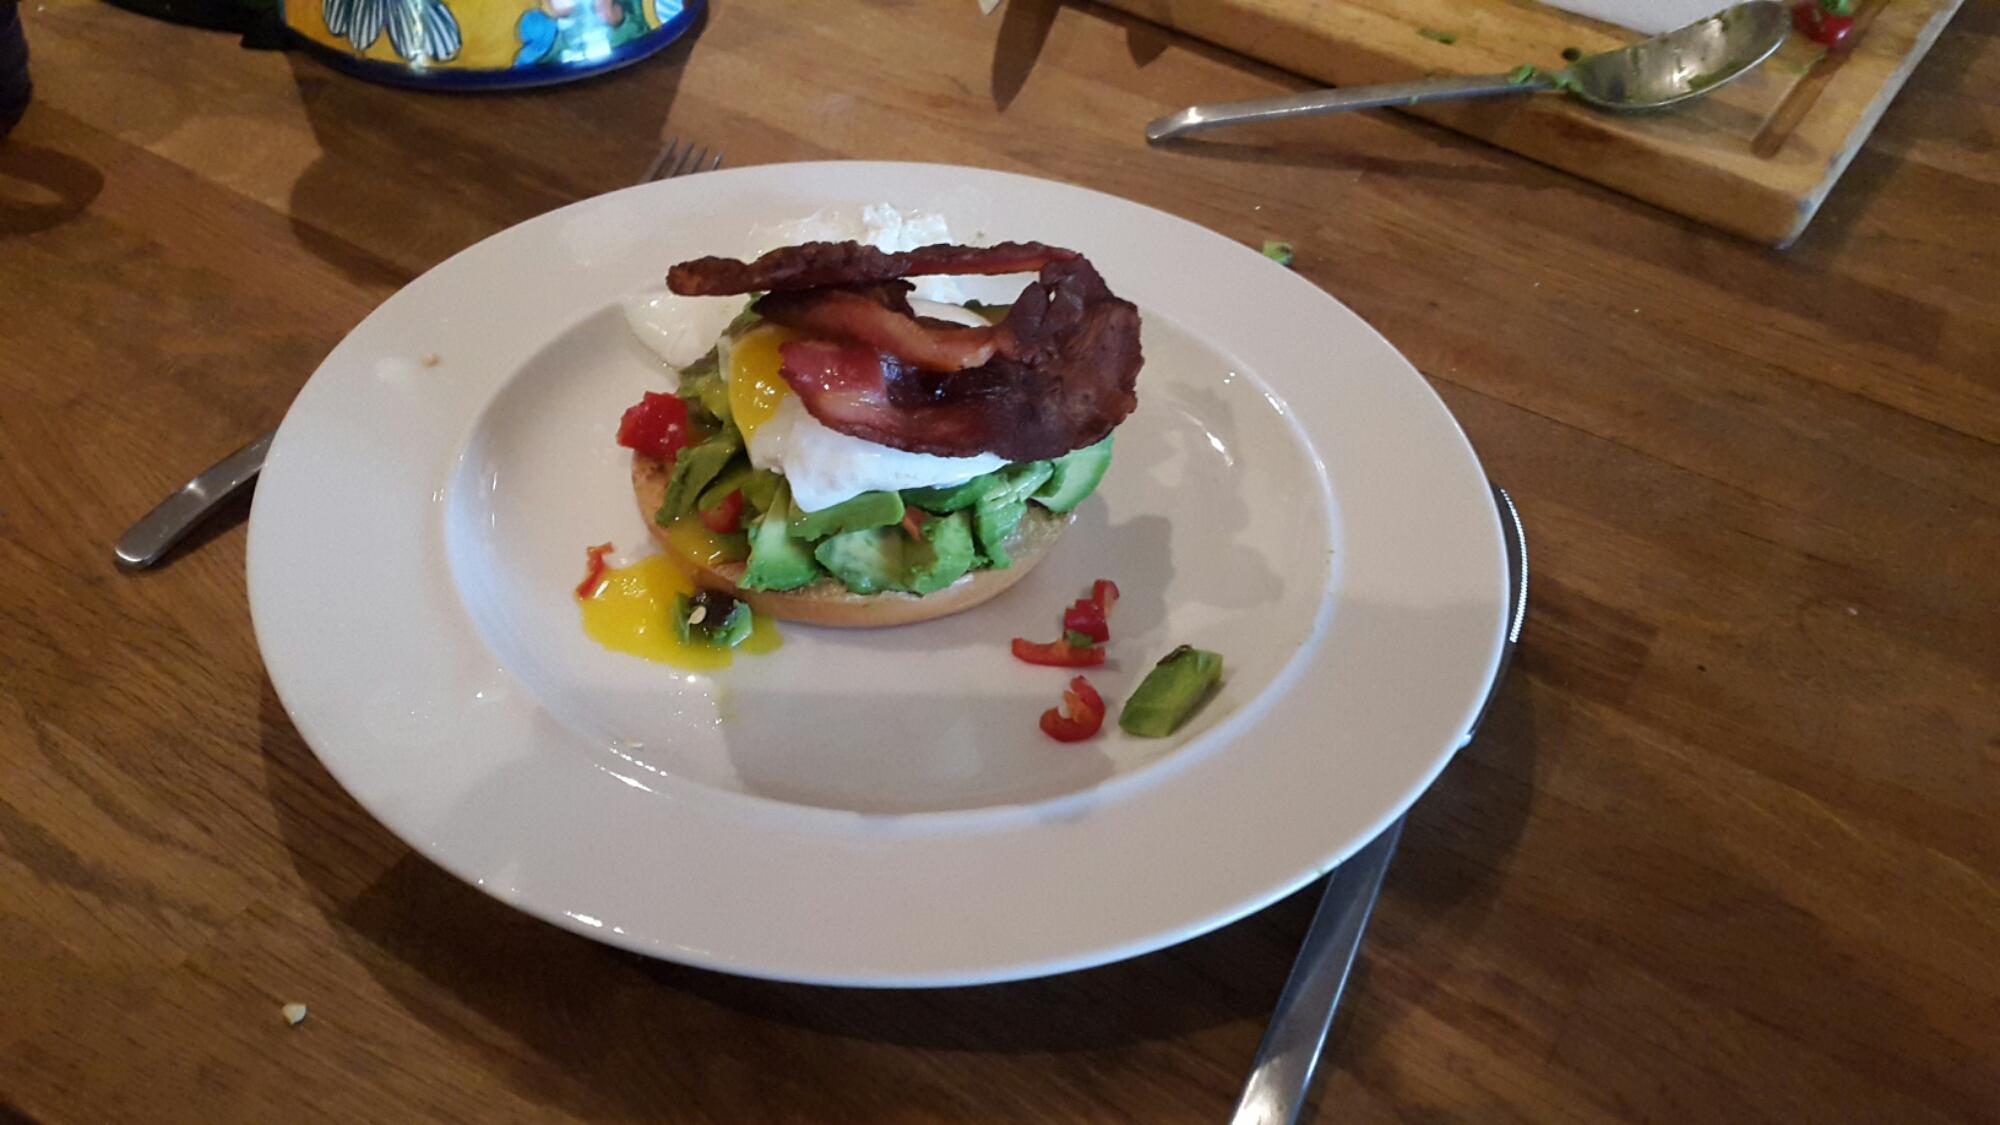 Avocado Poached Eggs with Bacon